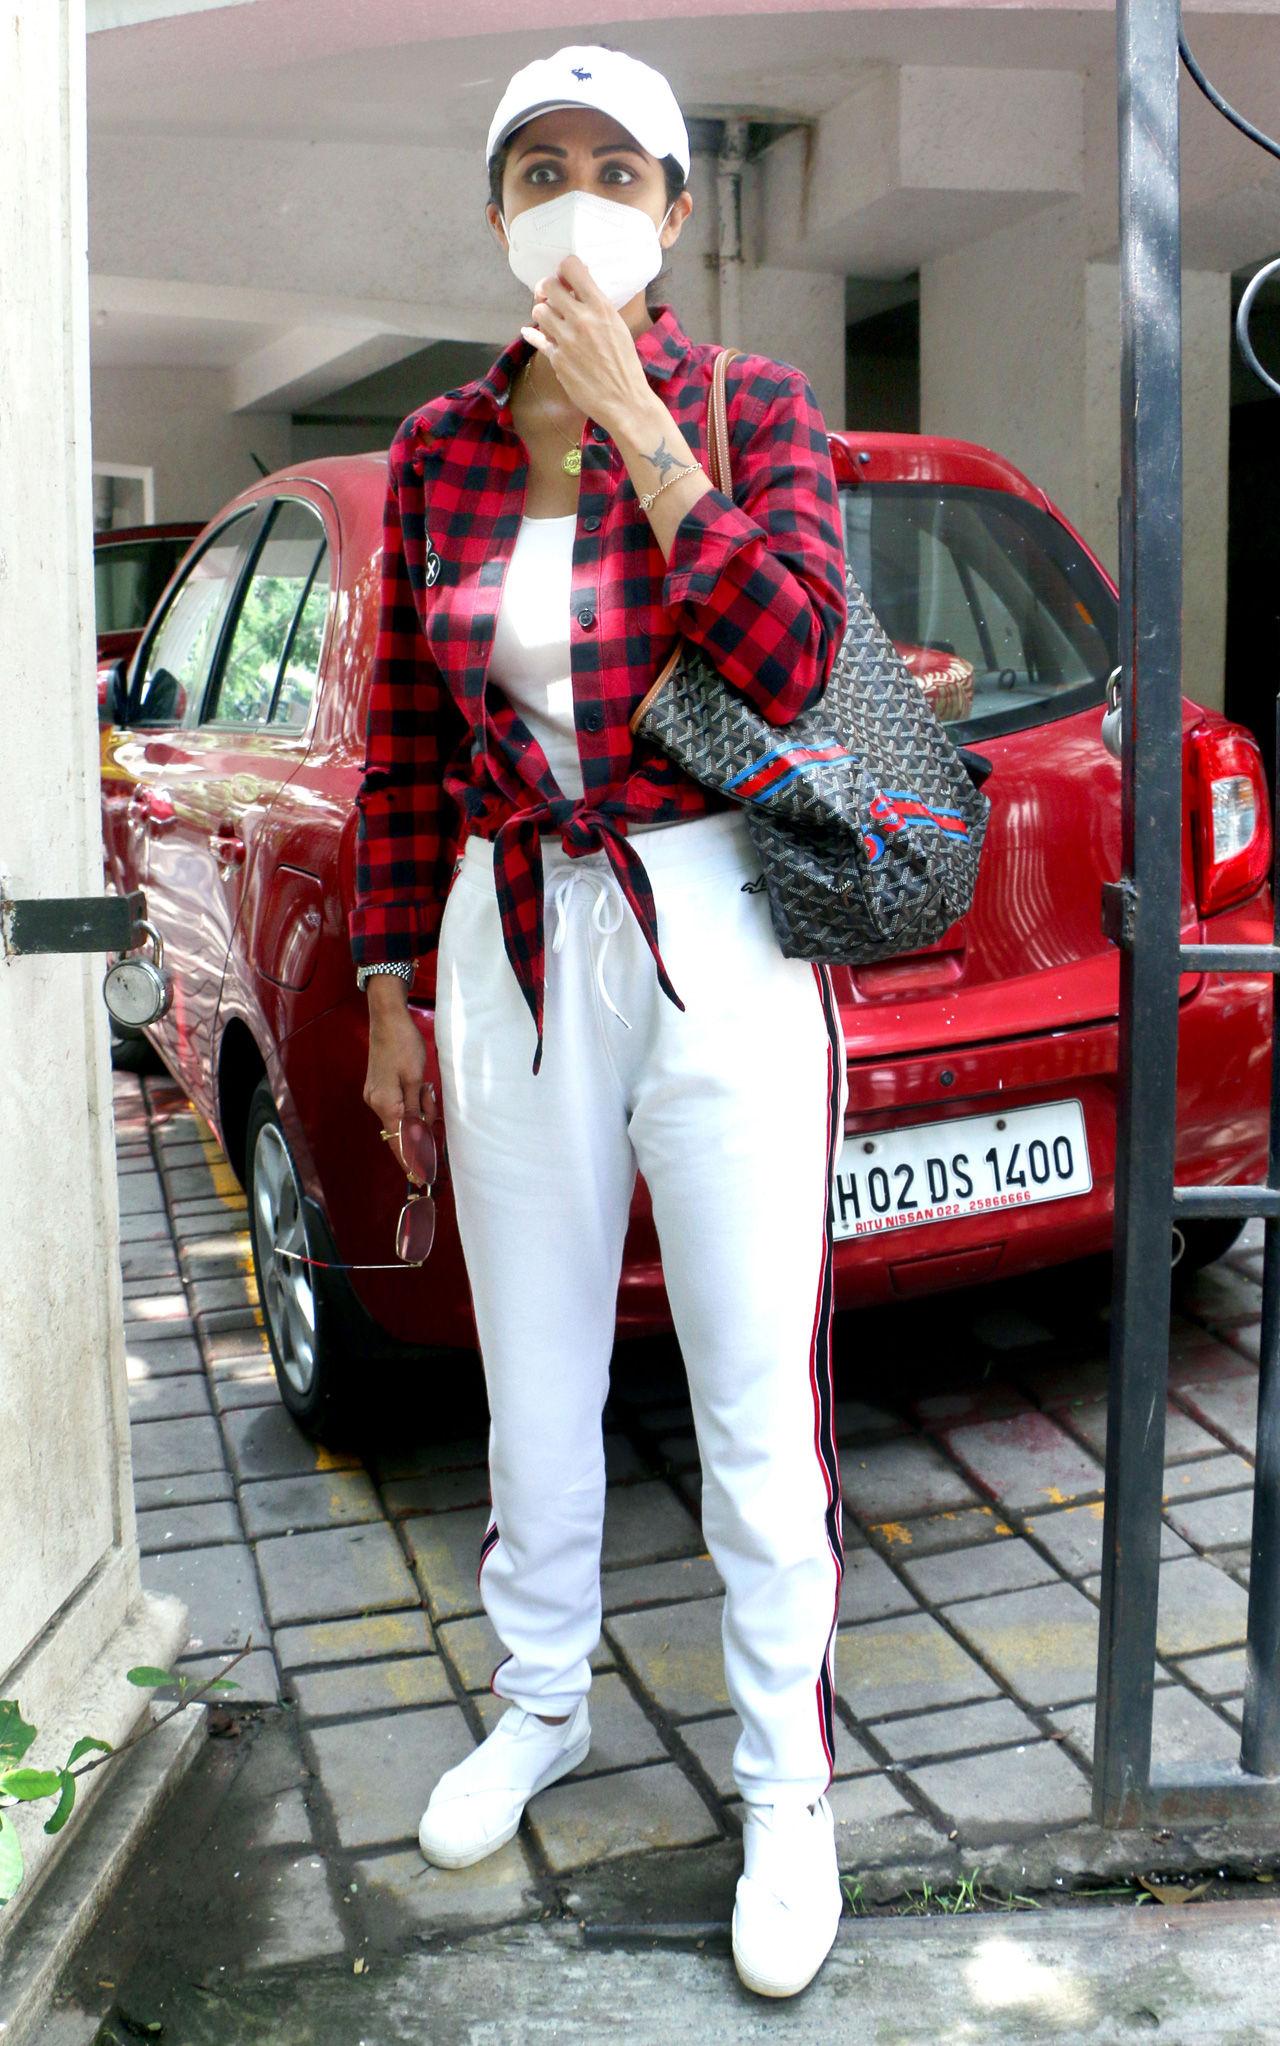 અભિનેત્રી નેહા શર્મા પણ તેના પાળતૂ શ્વાન સાથે શહેરમાં આંટો મારવા નીકળી હતી. તેણે બ્લેક શોર્ટ્સની સાથે વાઈટ ઓવરસાઈઝ હુડી પહેર્યું હતું.